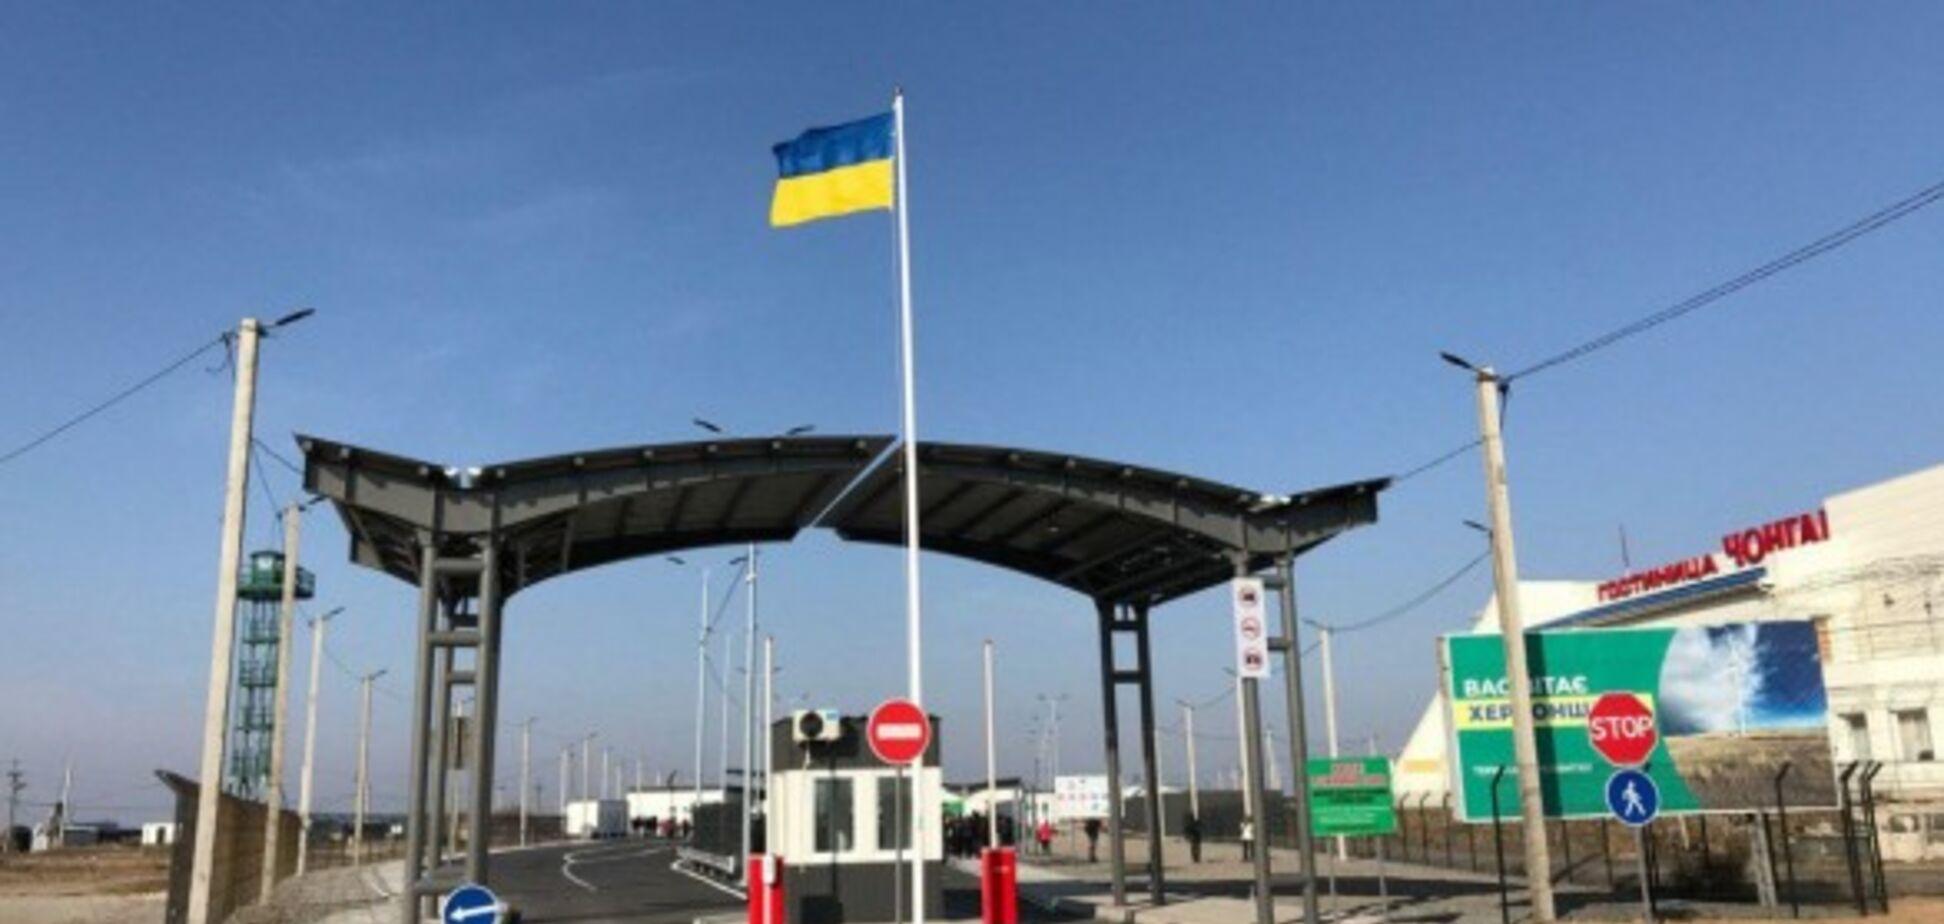 Выходил на связь: всплыли подробности о похищении украинского военного на админгранице с Крымом